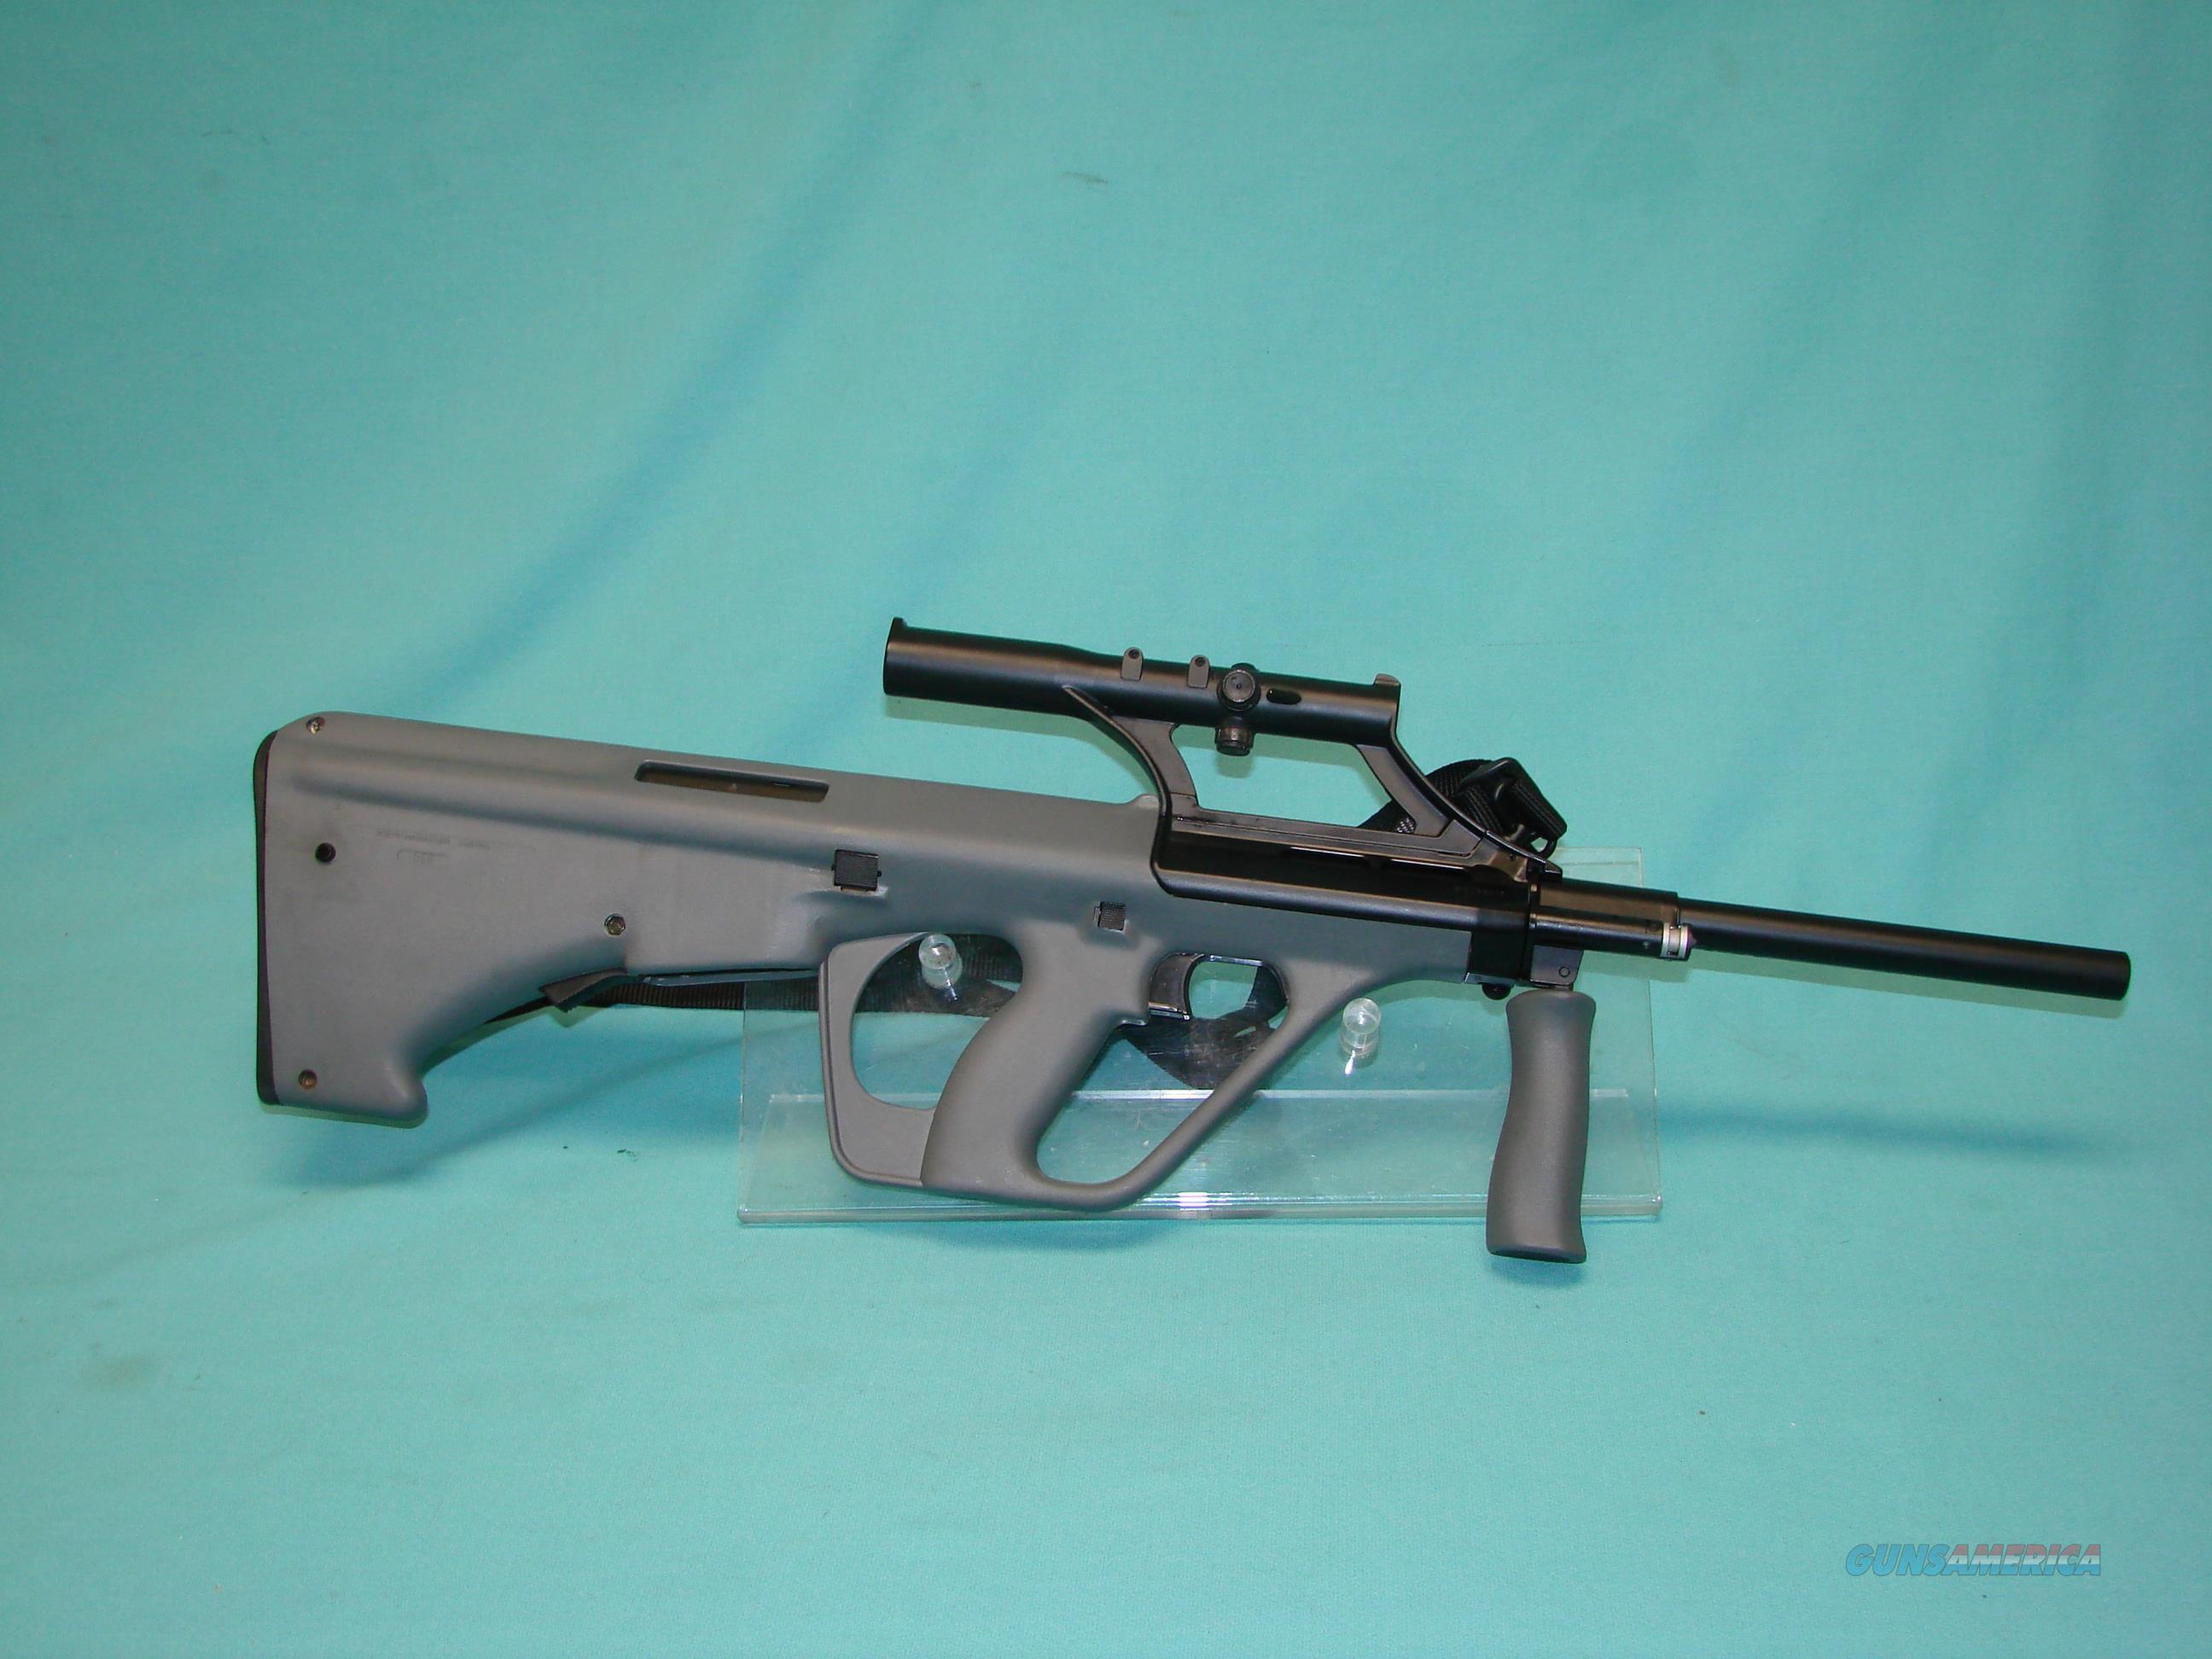 Steyr USR  Guns > Rifles > Steyr Rifles